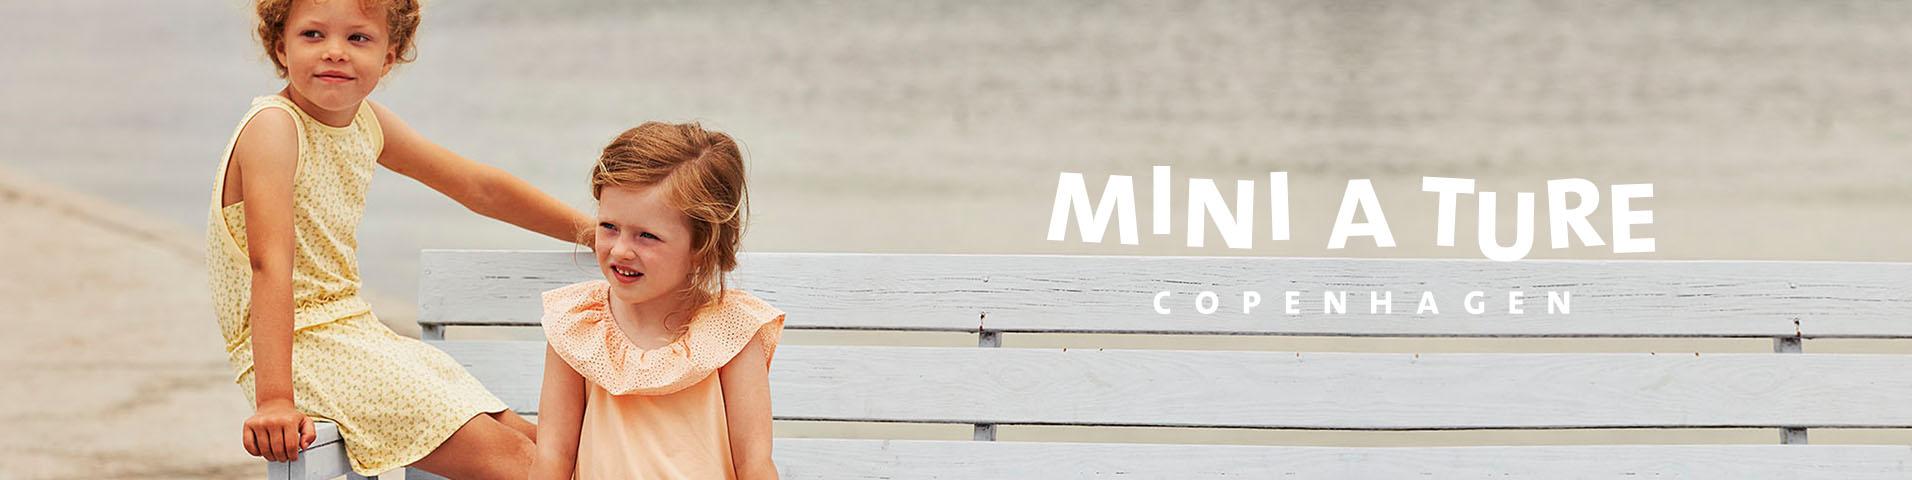 MINI A TURE Premiumvaror | Barn | Skor och kläder online på